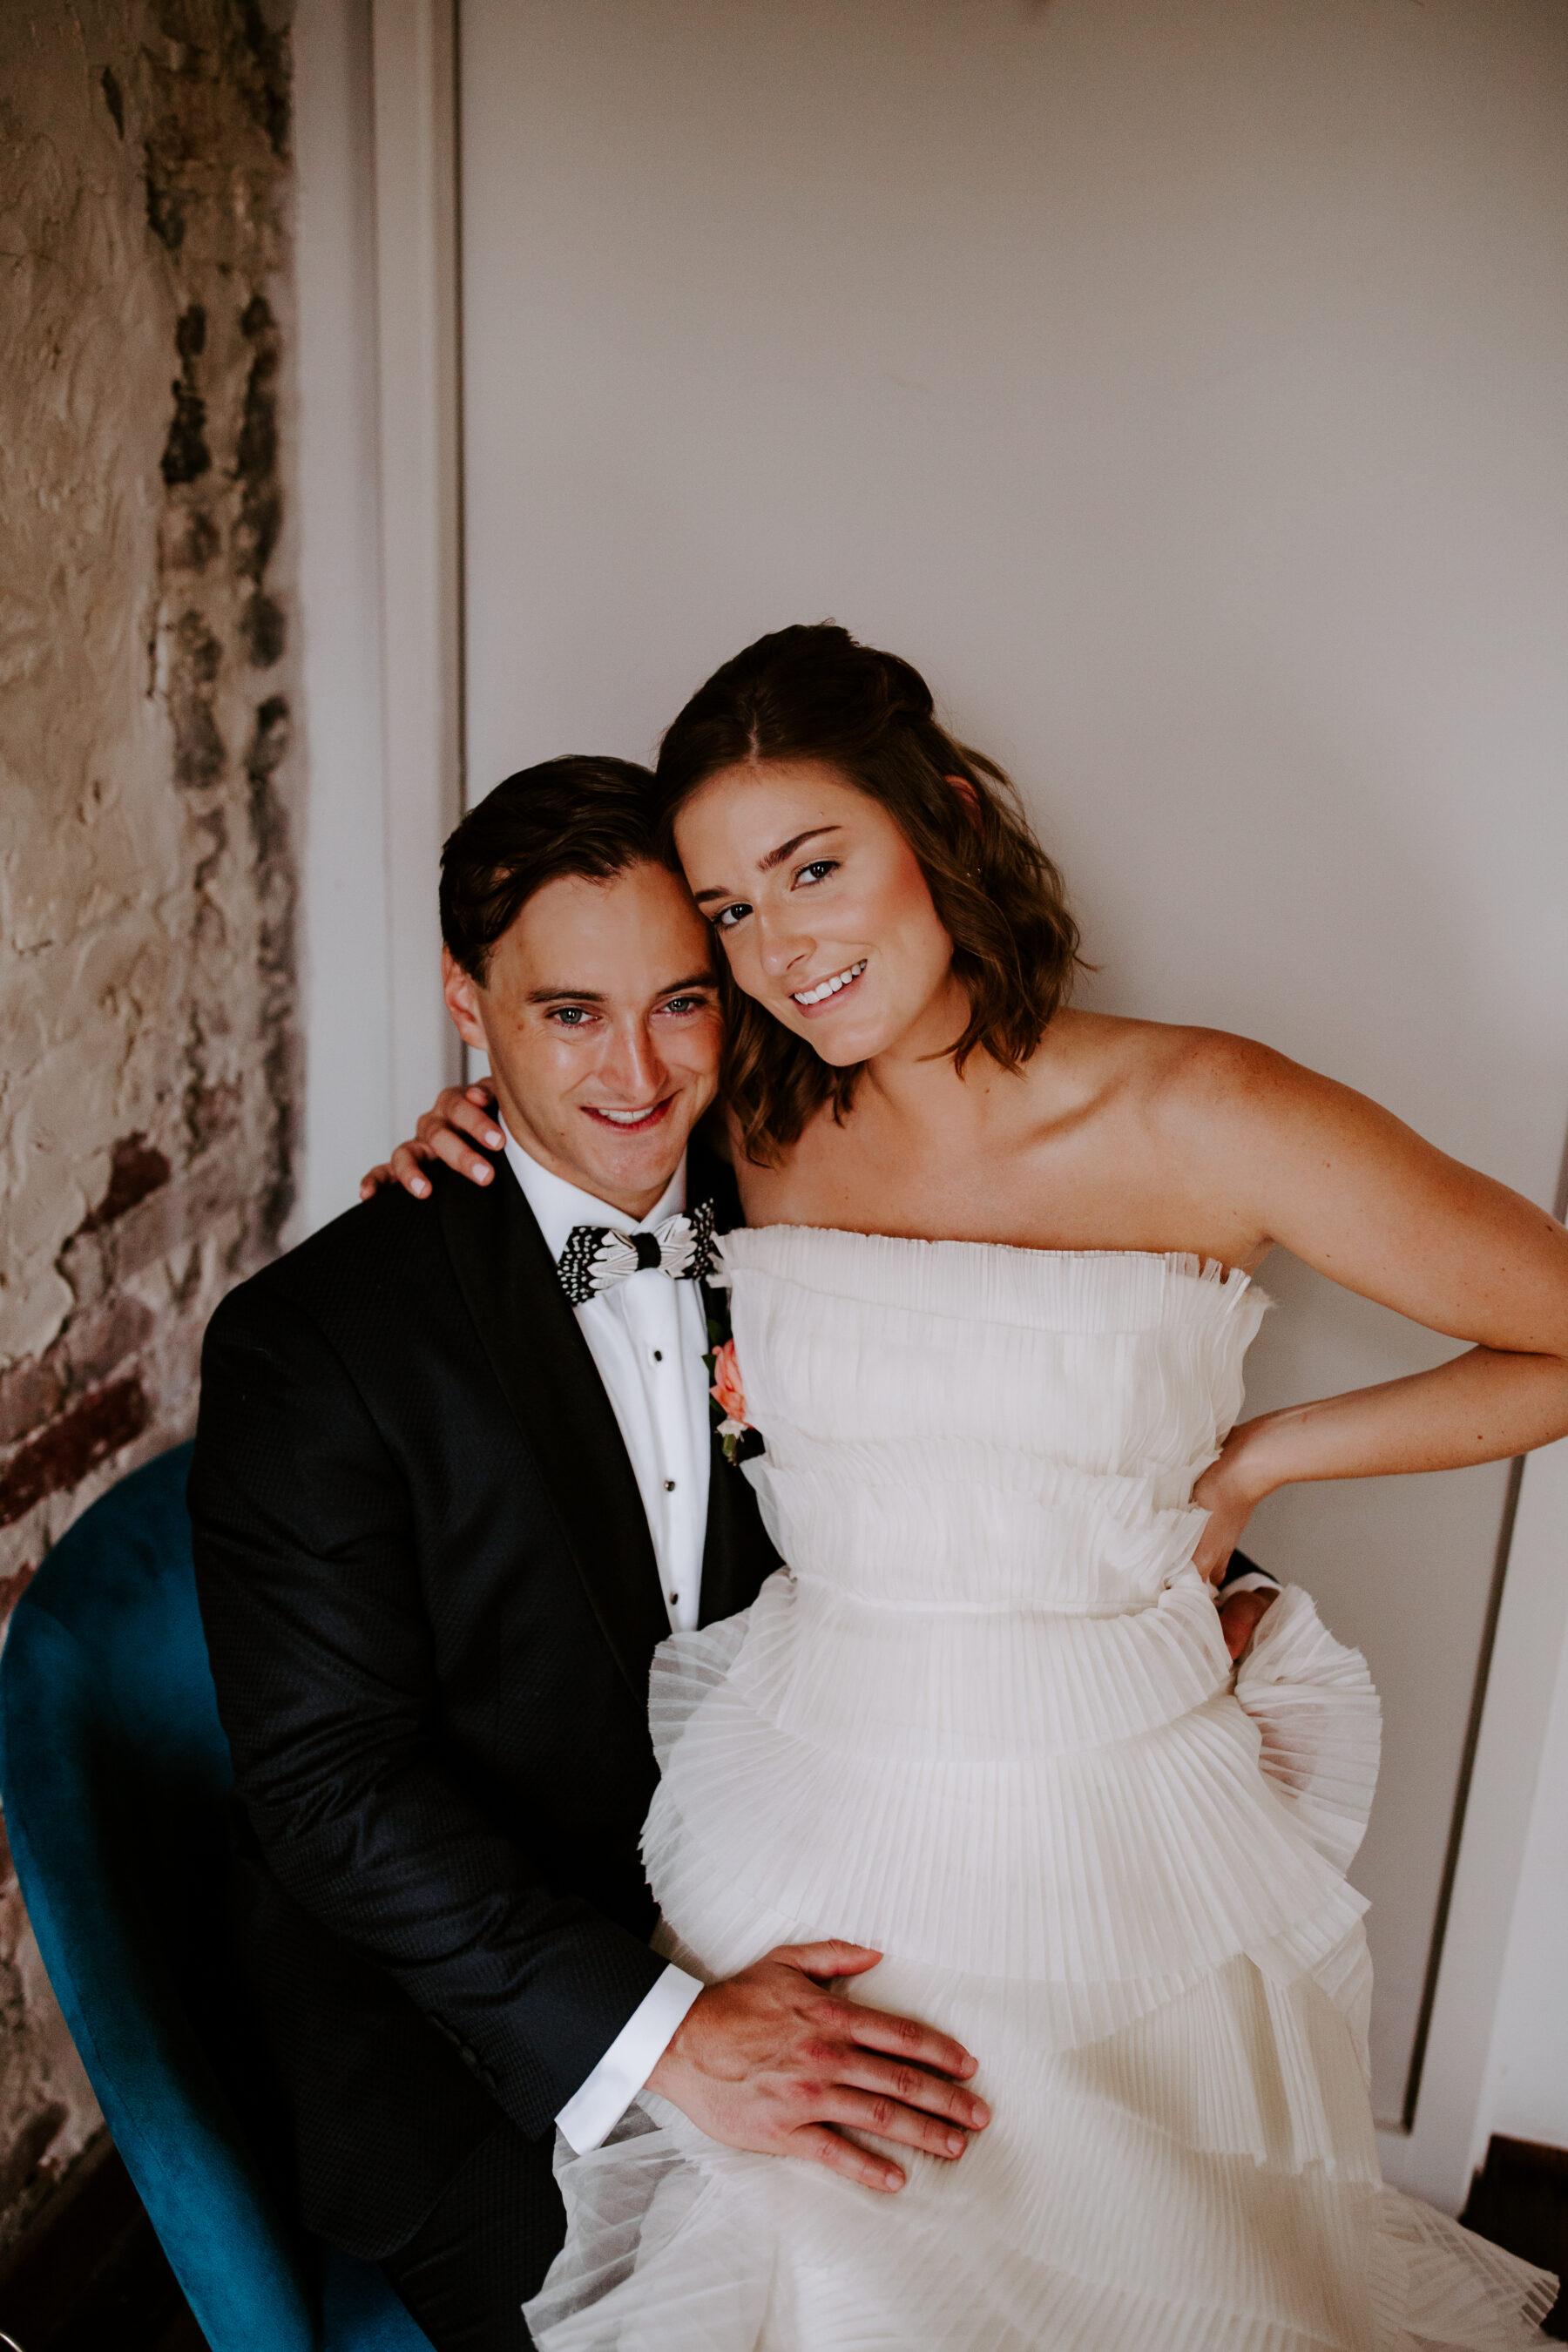 Ashley Bridges Wedding Photography | Nashville Bride Guide